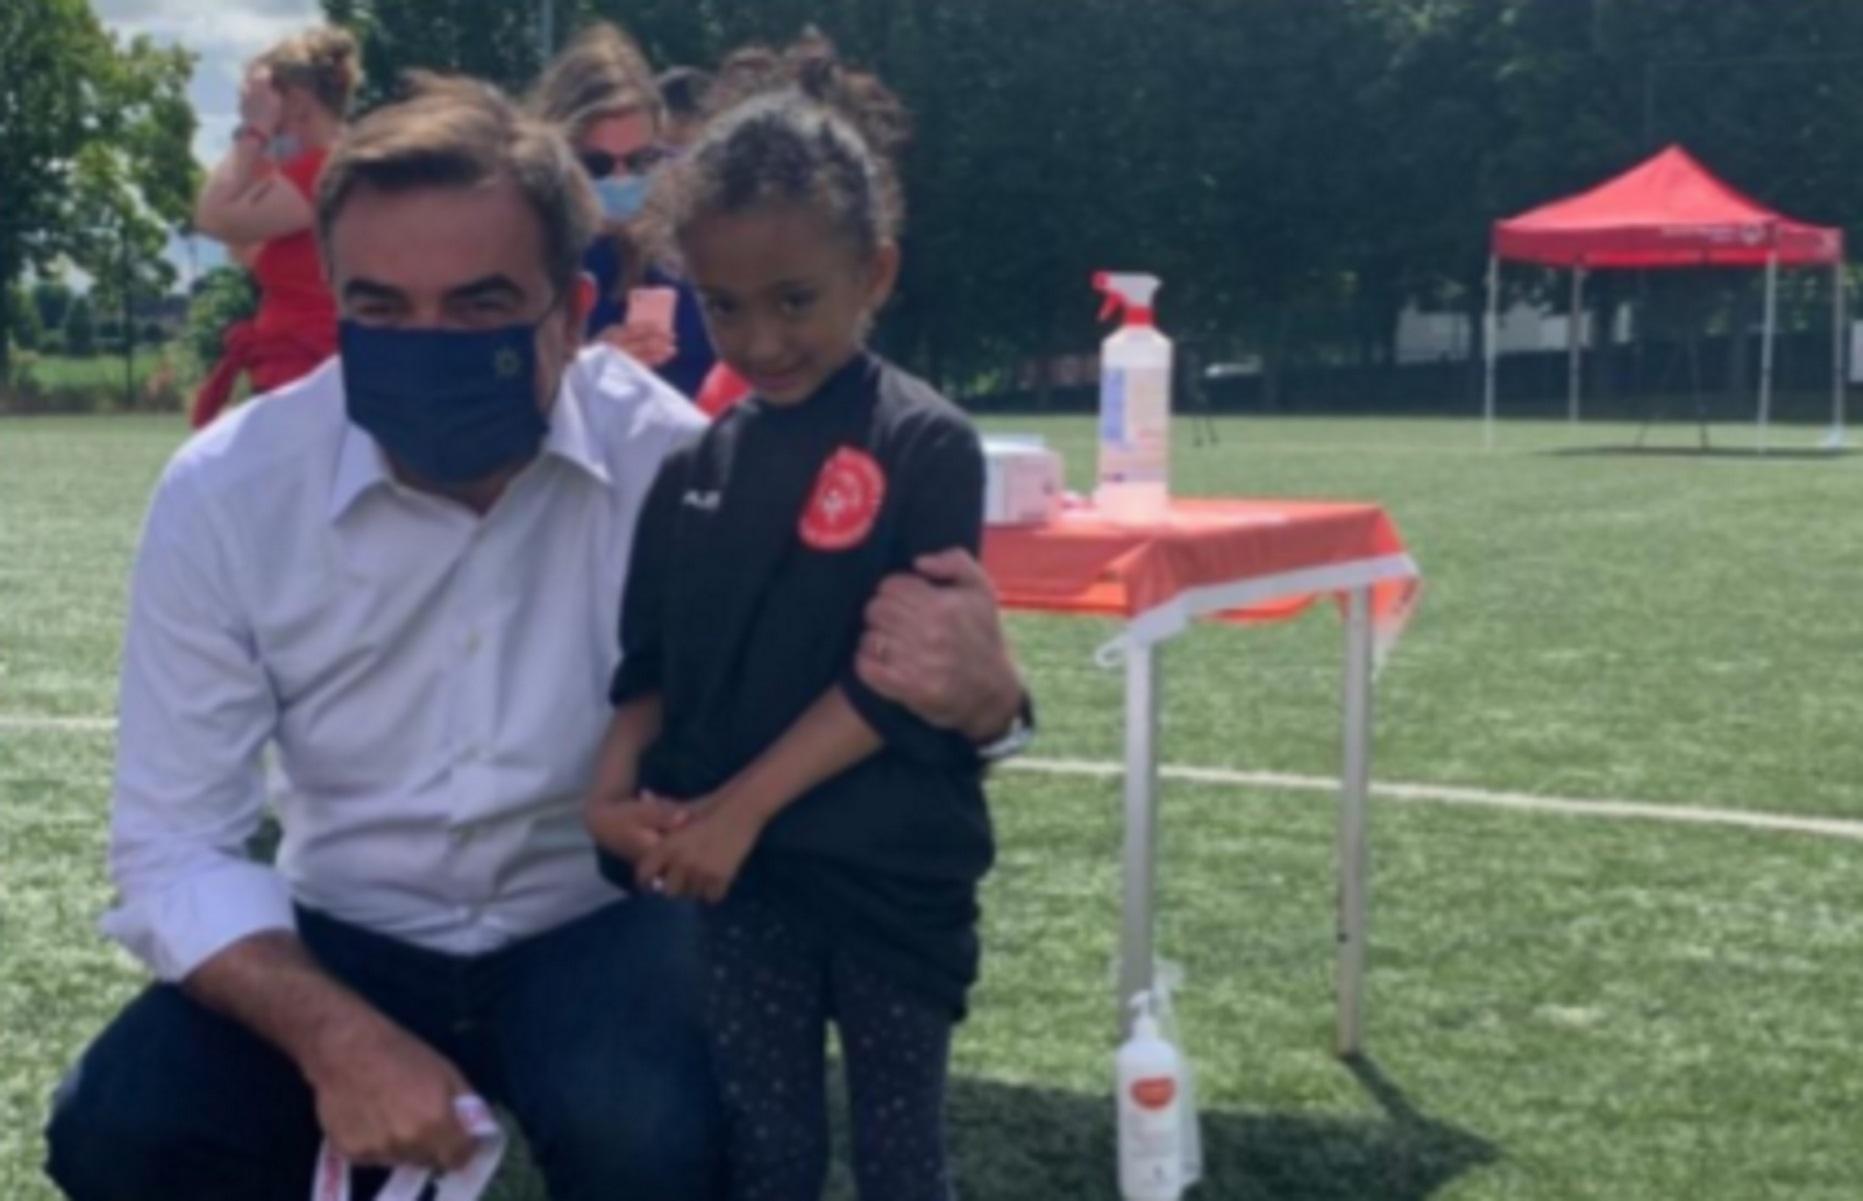 Μαργαρίτης Σχοινάς: Σε αγώνα ποδοσφαίρου προσφύγων και αθλητών special olympics (pics)